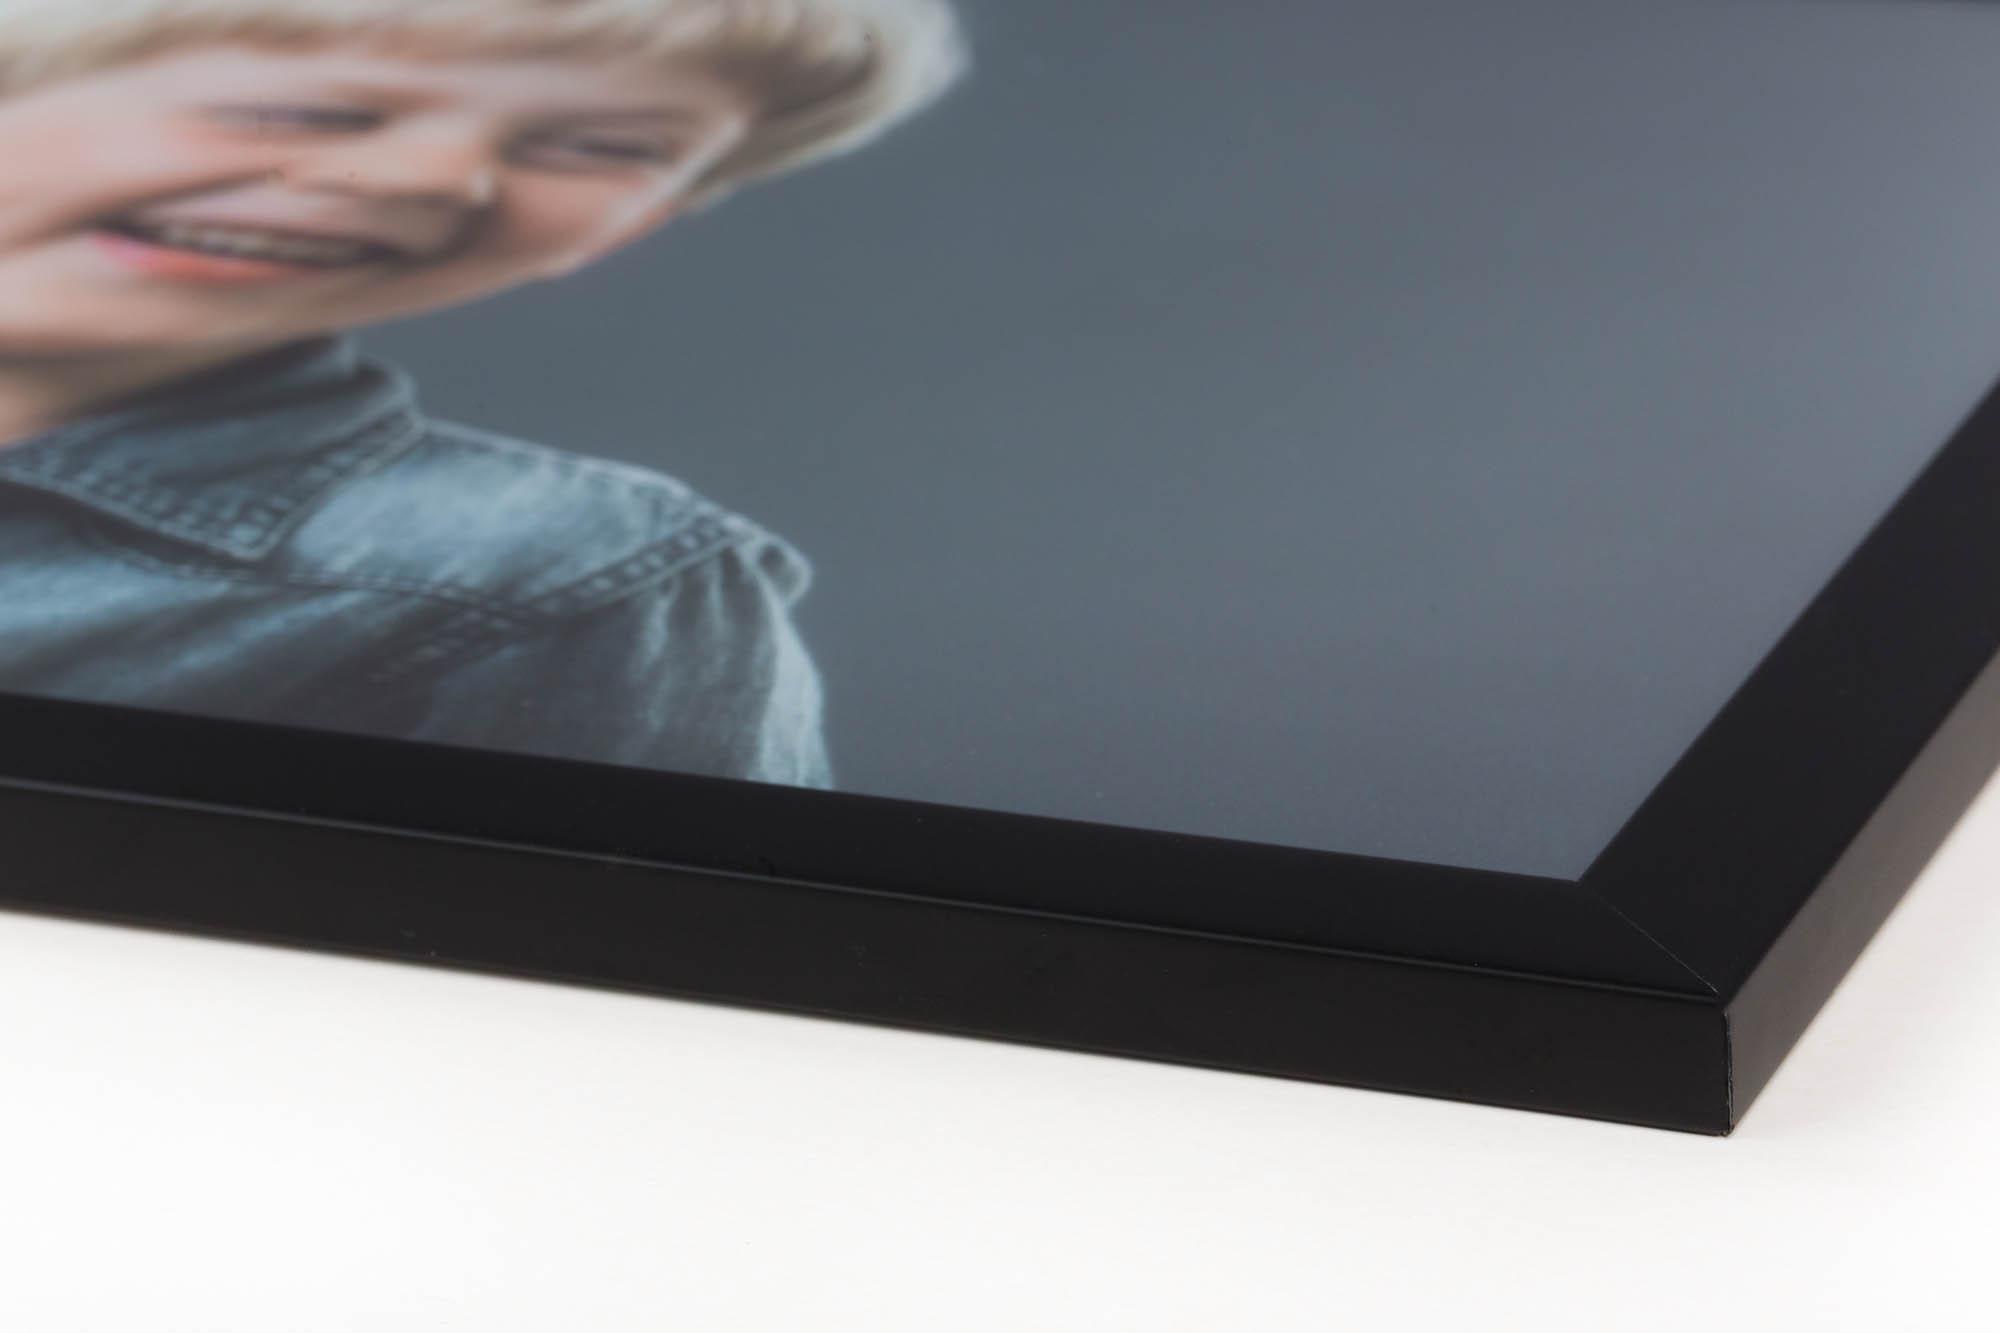 Standard ramme - Flot indramning i tynd matsort ramme. Billedet monteres på en hvid aluplade og indrammes (monteres uden glas). Printet falmer ikke, er uden reflekser og er vandfast.